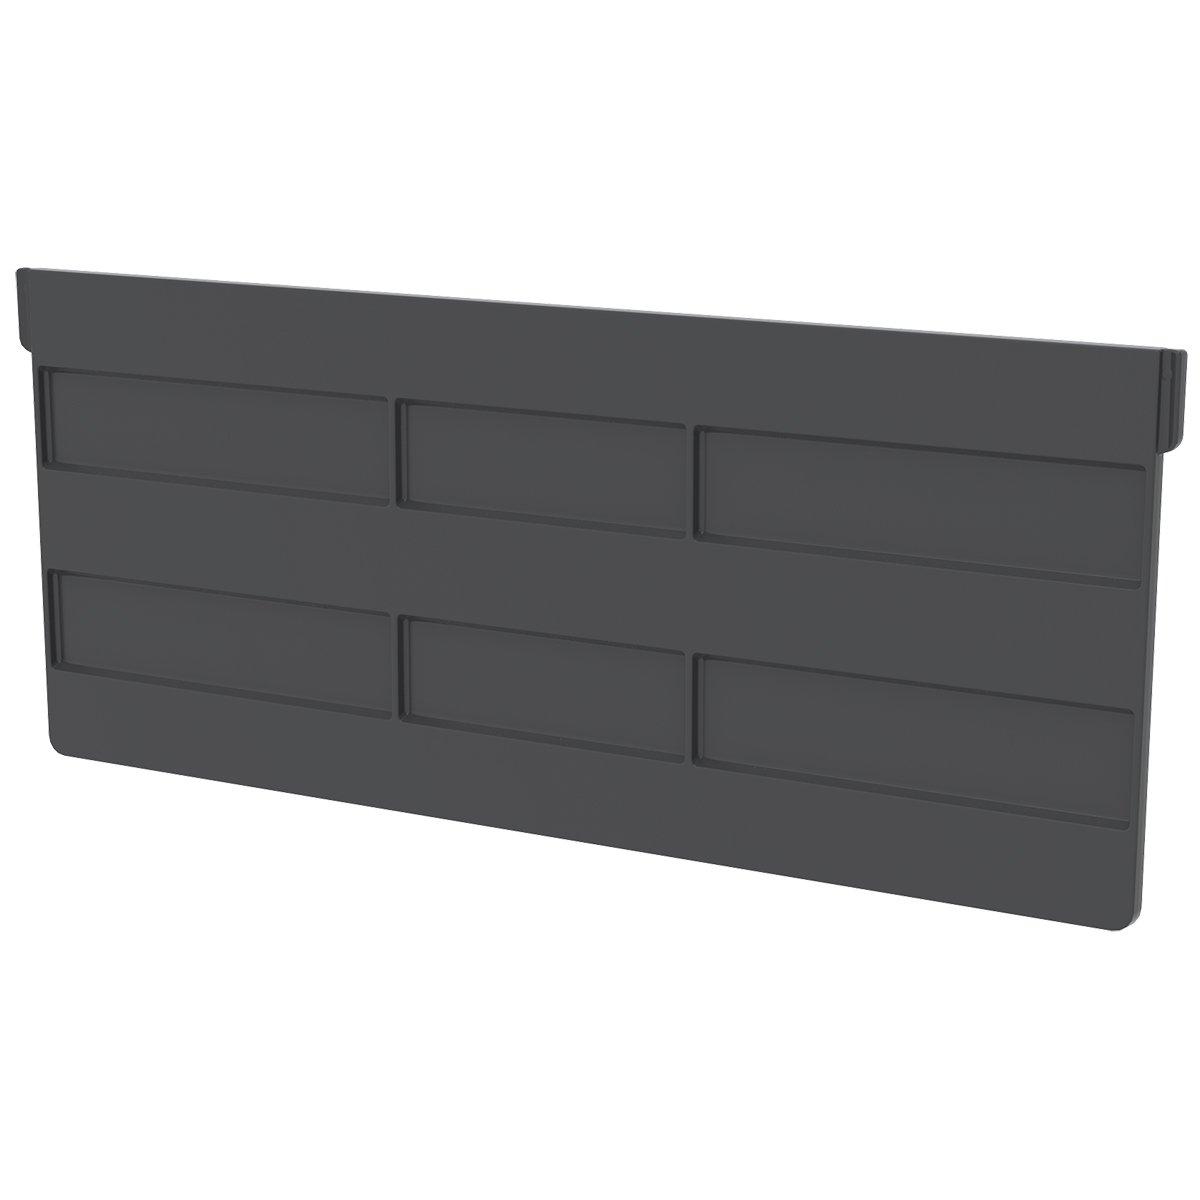 Akro-Mils 41250 Crosswise Width Divider for 30250 Akro Bin, Black, 6-Pack